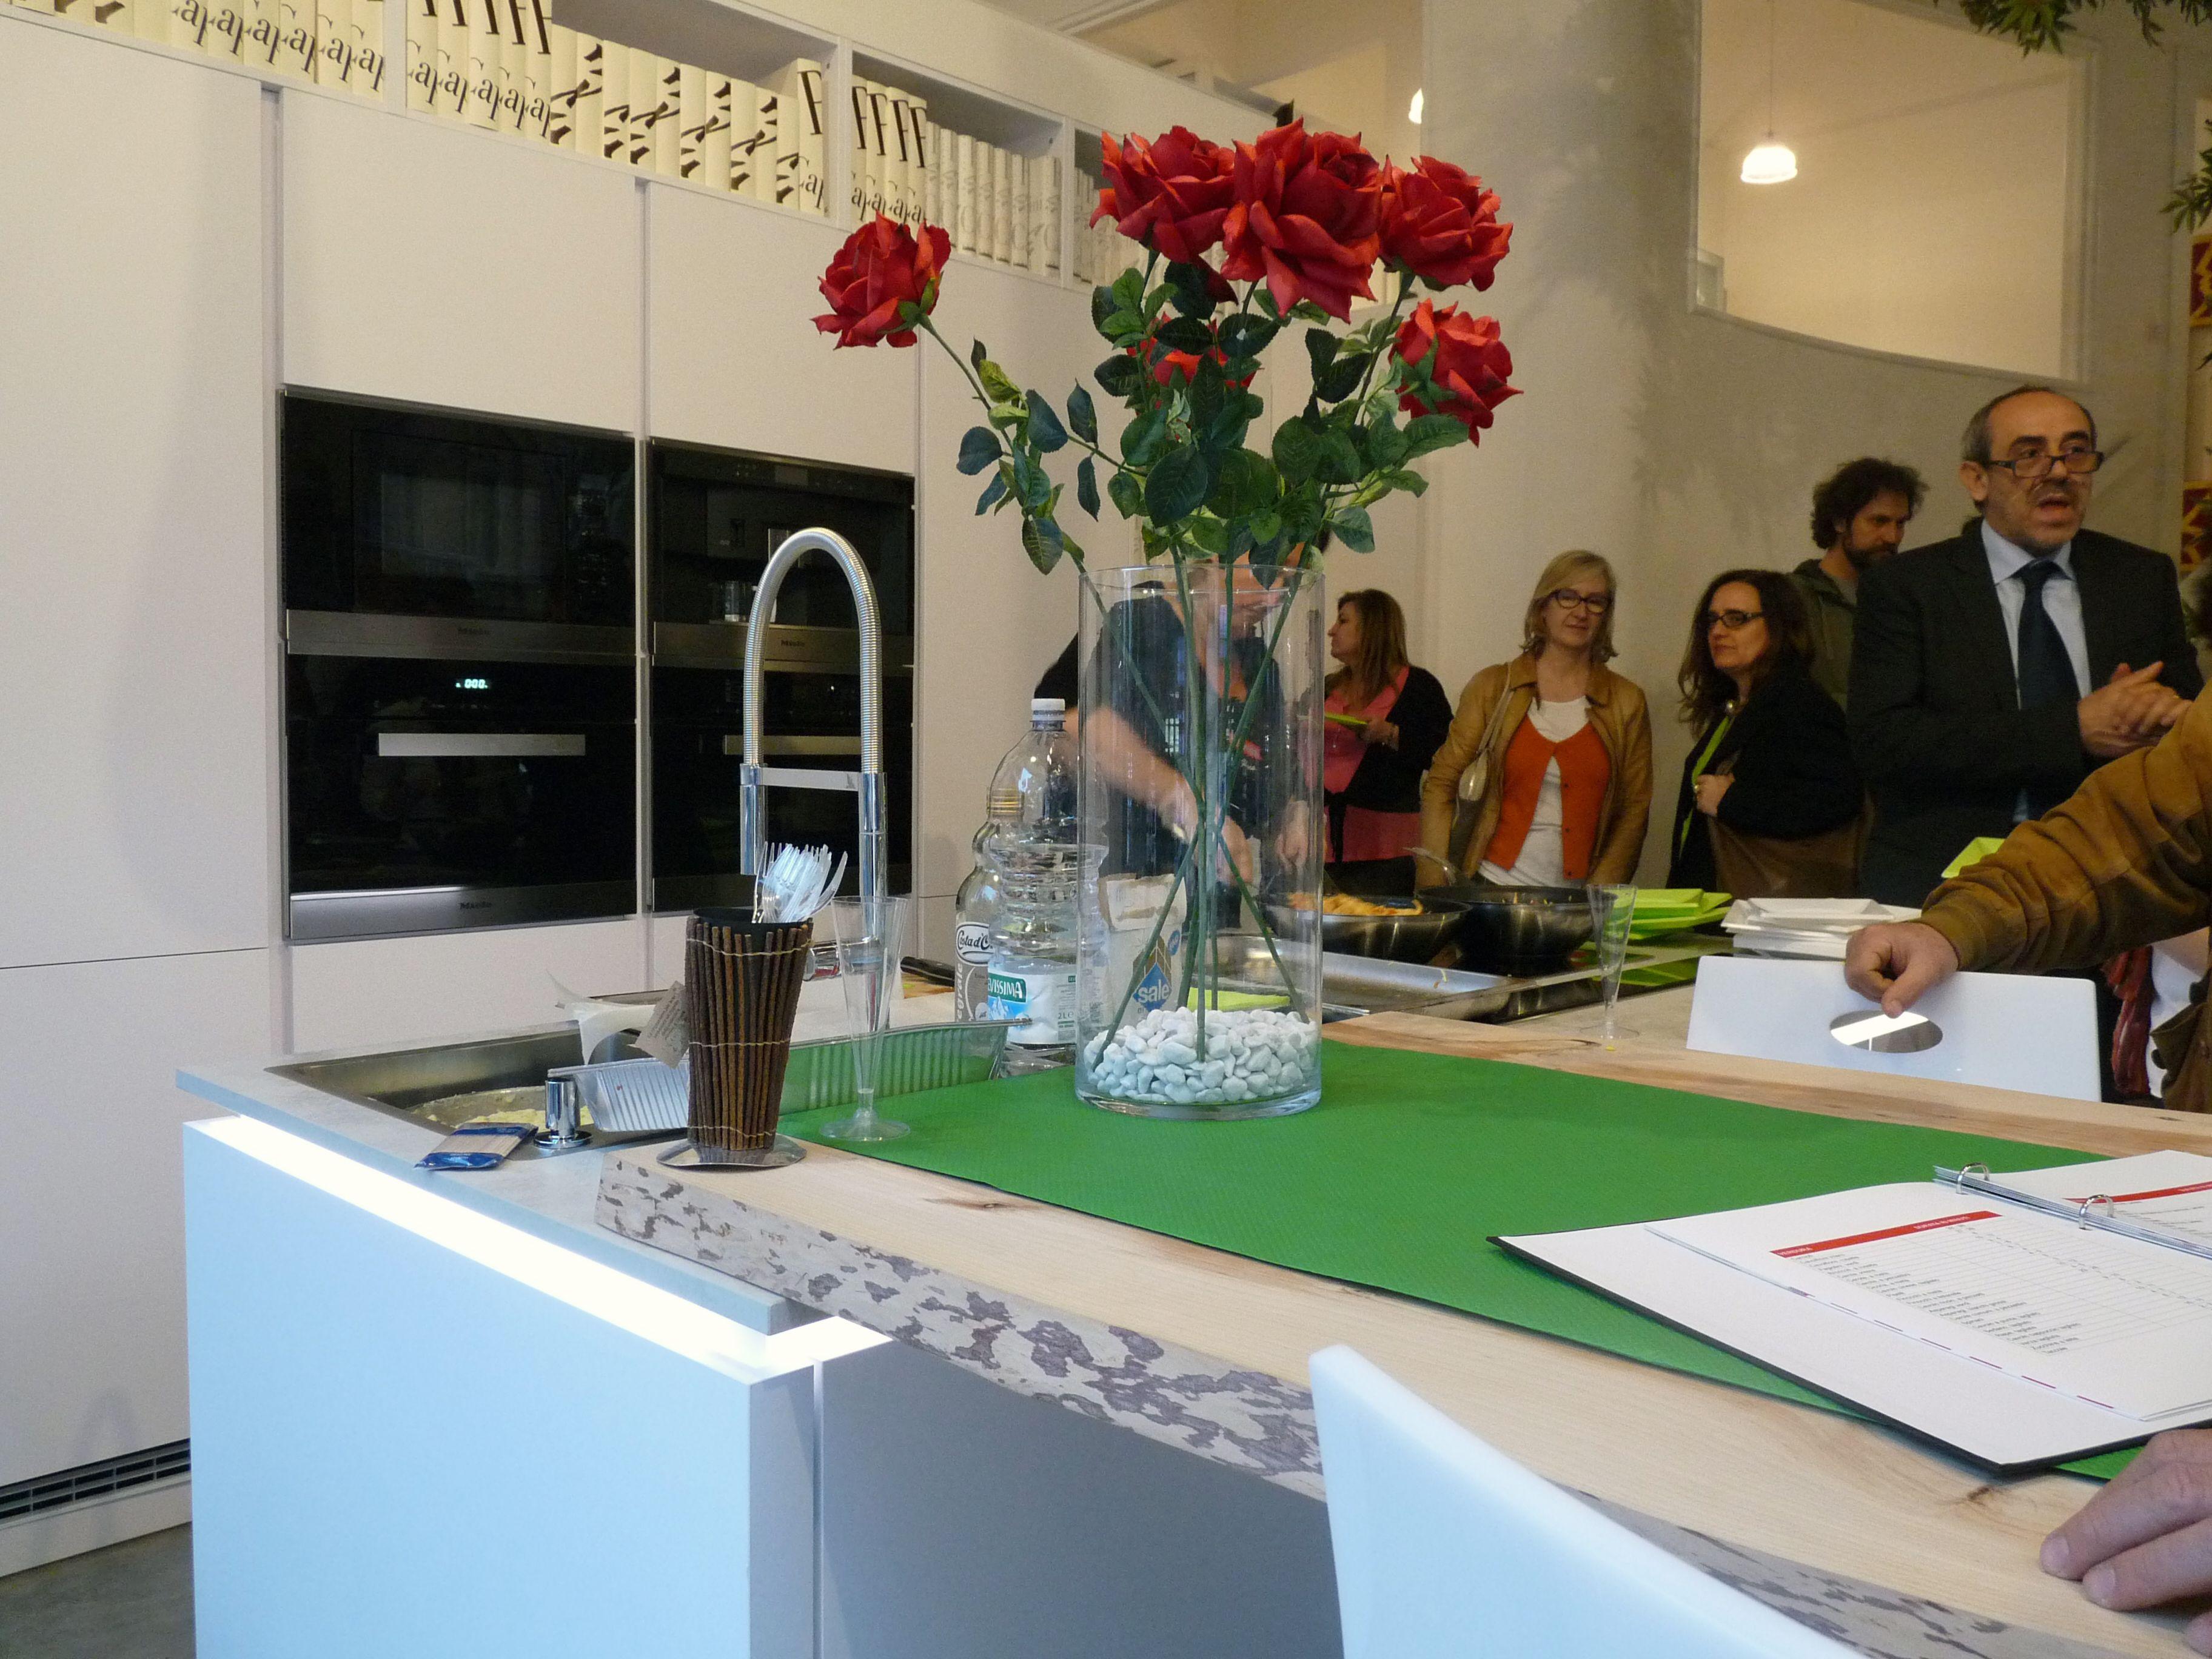 Inaugurazione life cucine gioved 16 aprile 2015 ospite chef miele - Life cucine milano ...